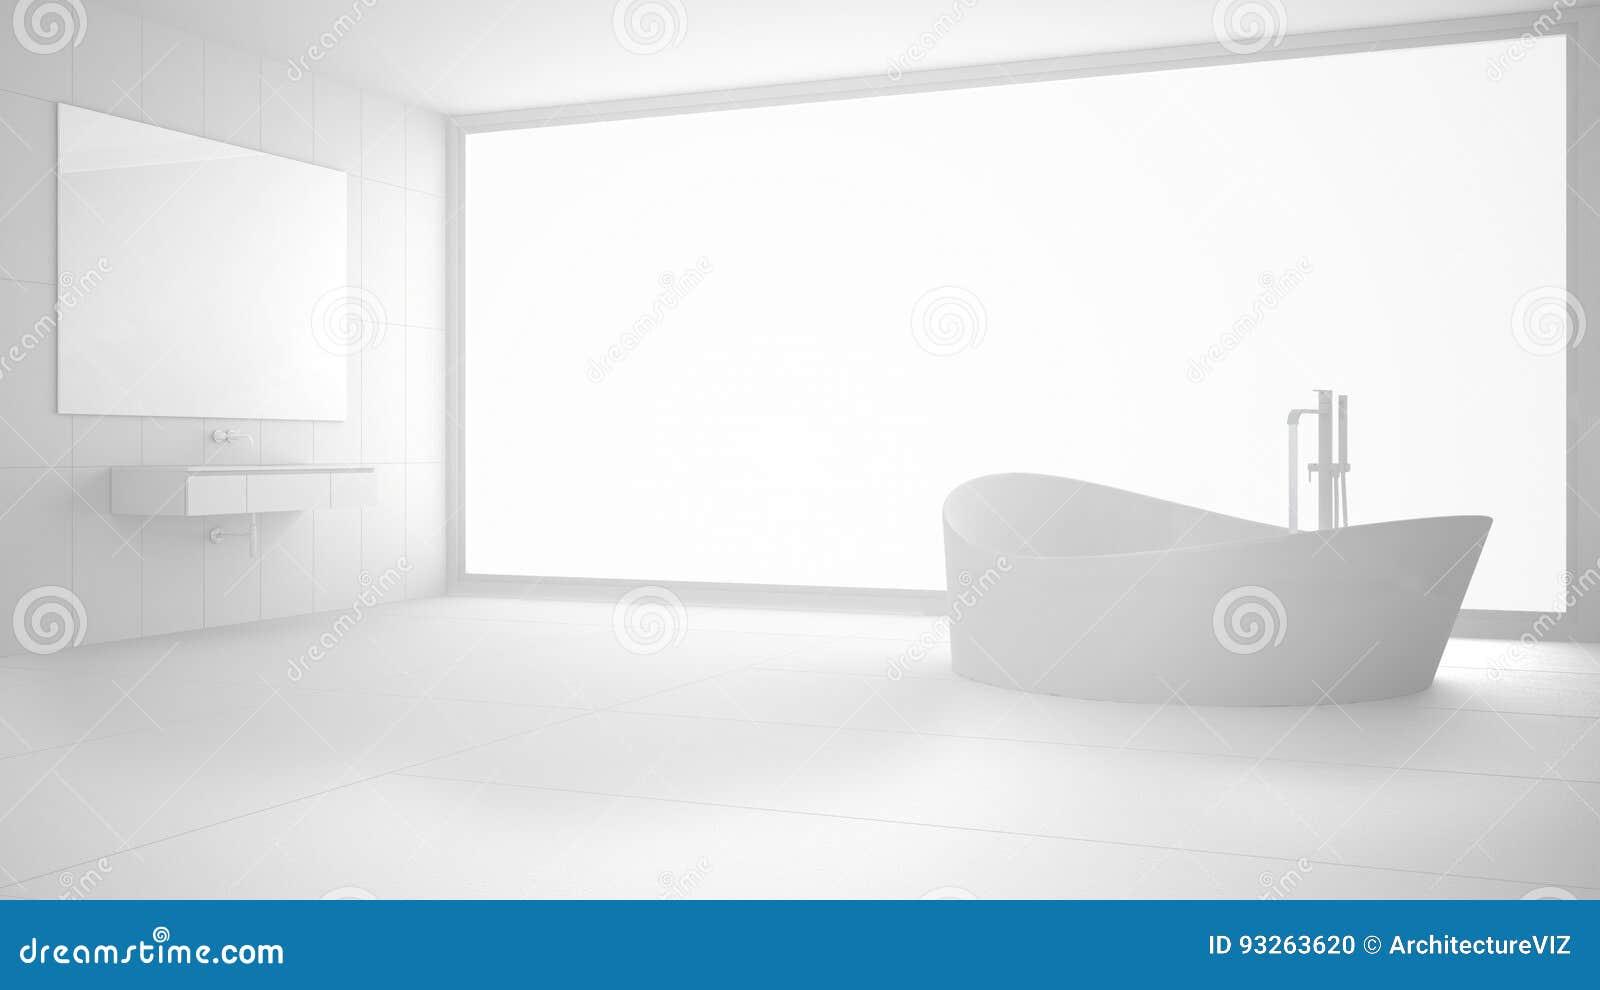 Salle de bains moderne blanche totale avec la grande fenêtre, intérieur minimaliste